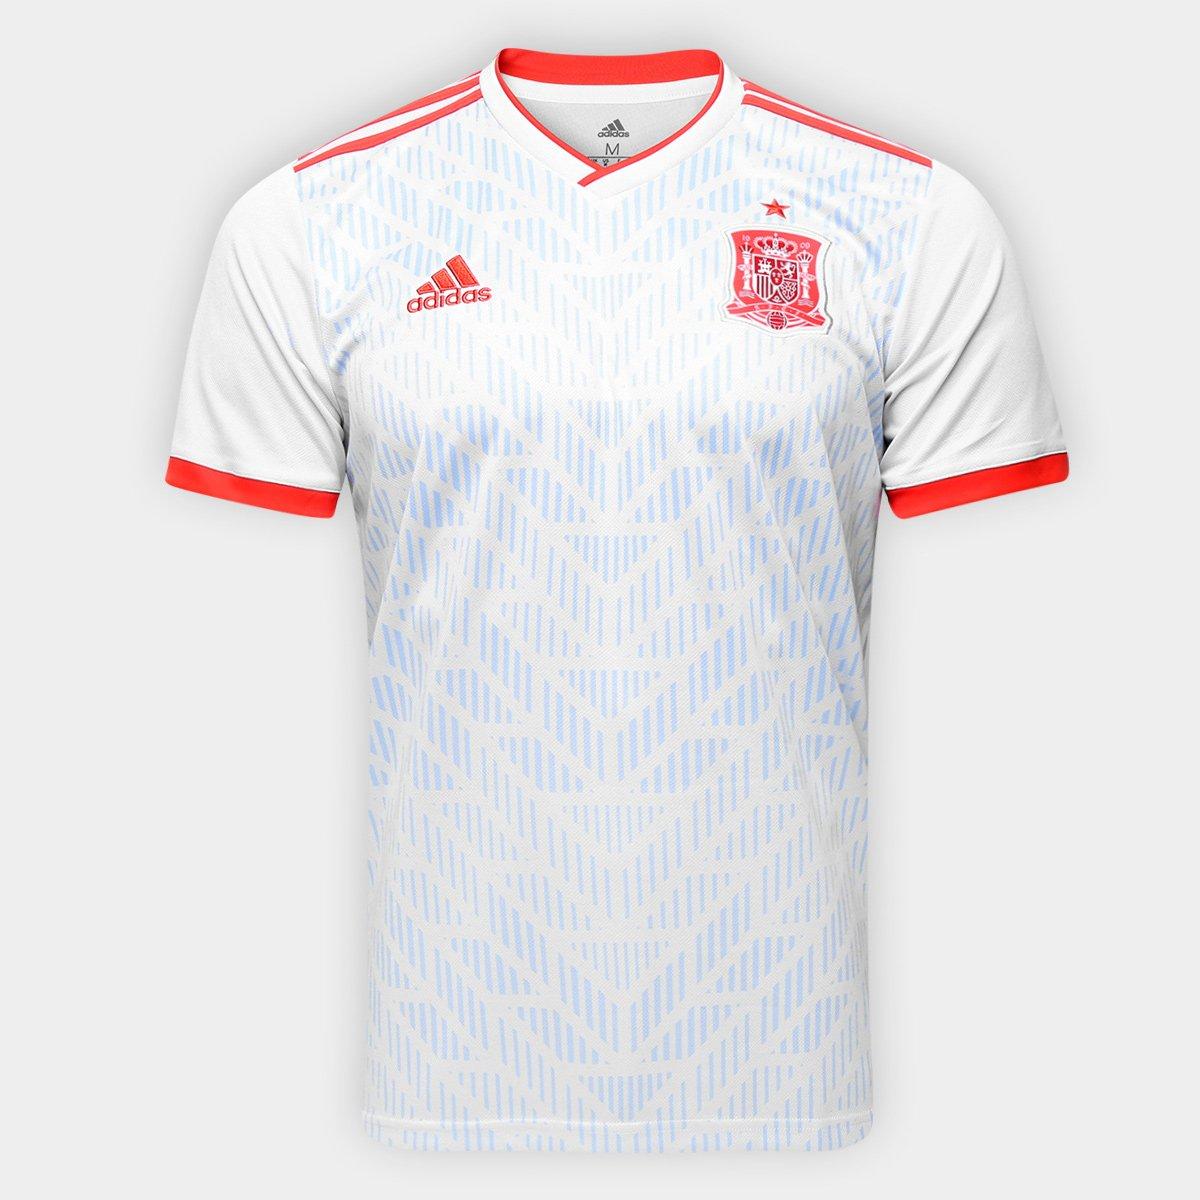 866462b010410 Camisa Seleção Espanha Away 18 19 s n° - Torcedor Adidas Masculina - Branco  e Vermelho - Compre Agora